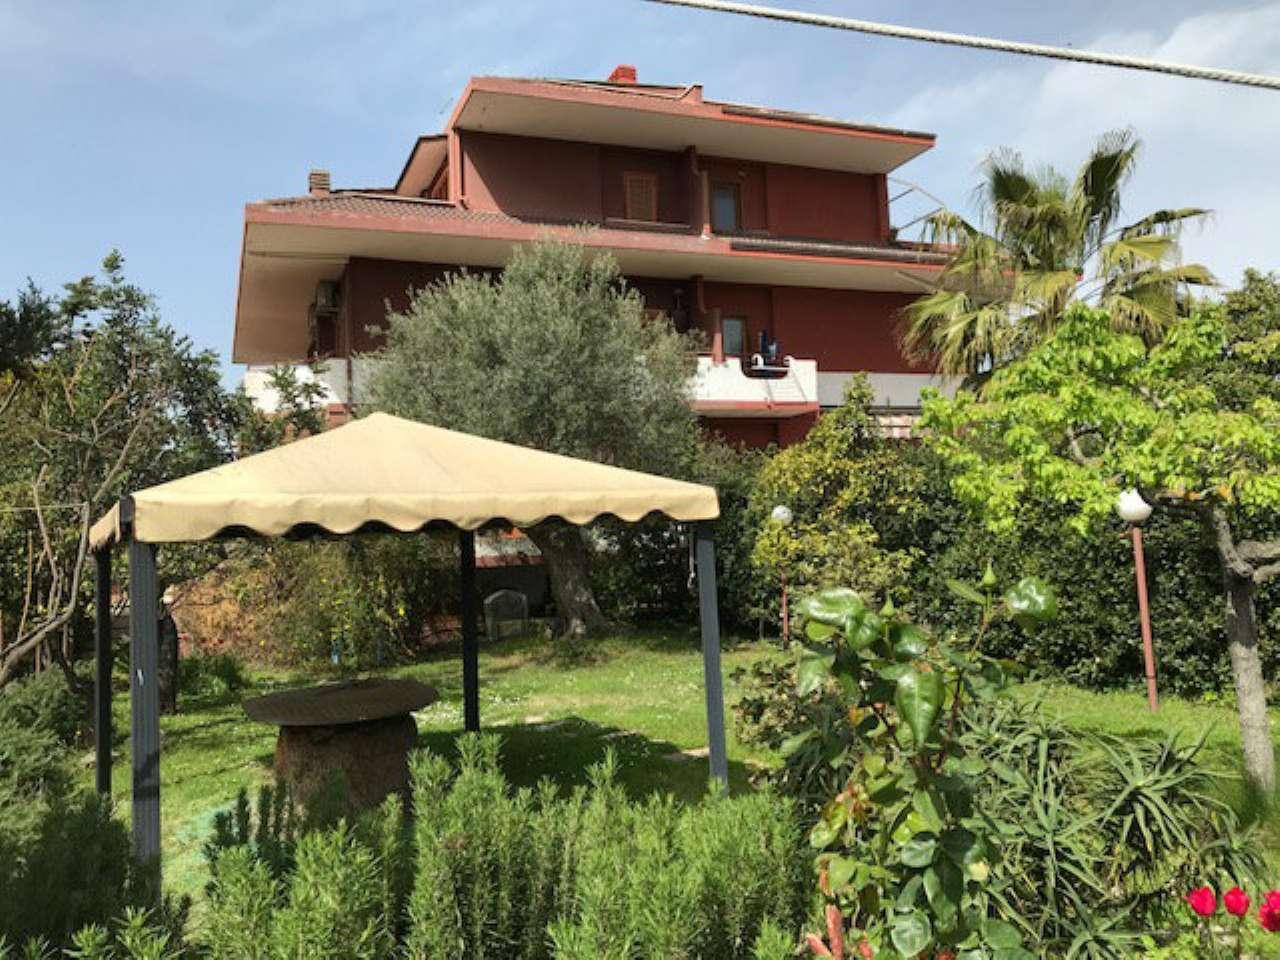 Villa Bifamiliare in vendita a Roma, 6 locali, zona Zona: 28 . Torrevecchia - Pineta Sacchetti - Ottavia, prezzo € 580.000 | CambioCasa.it